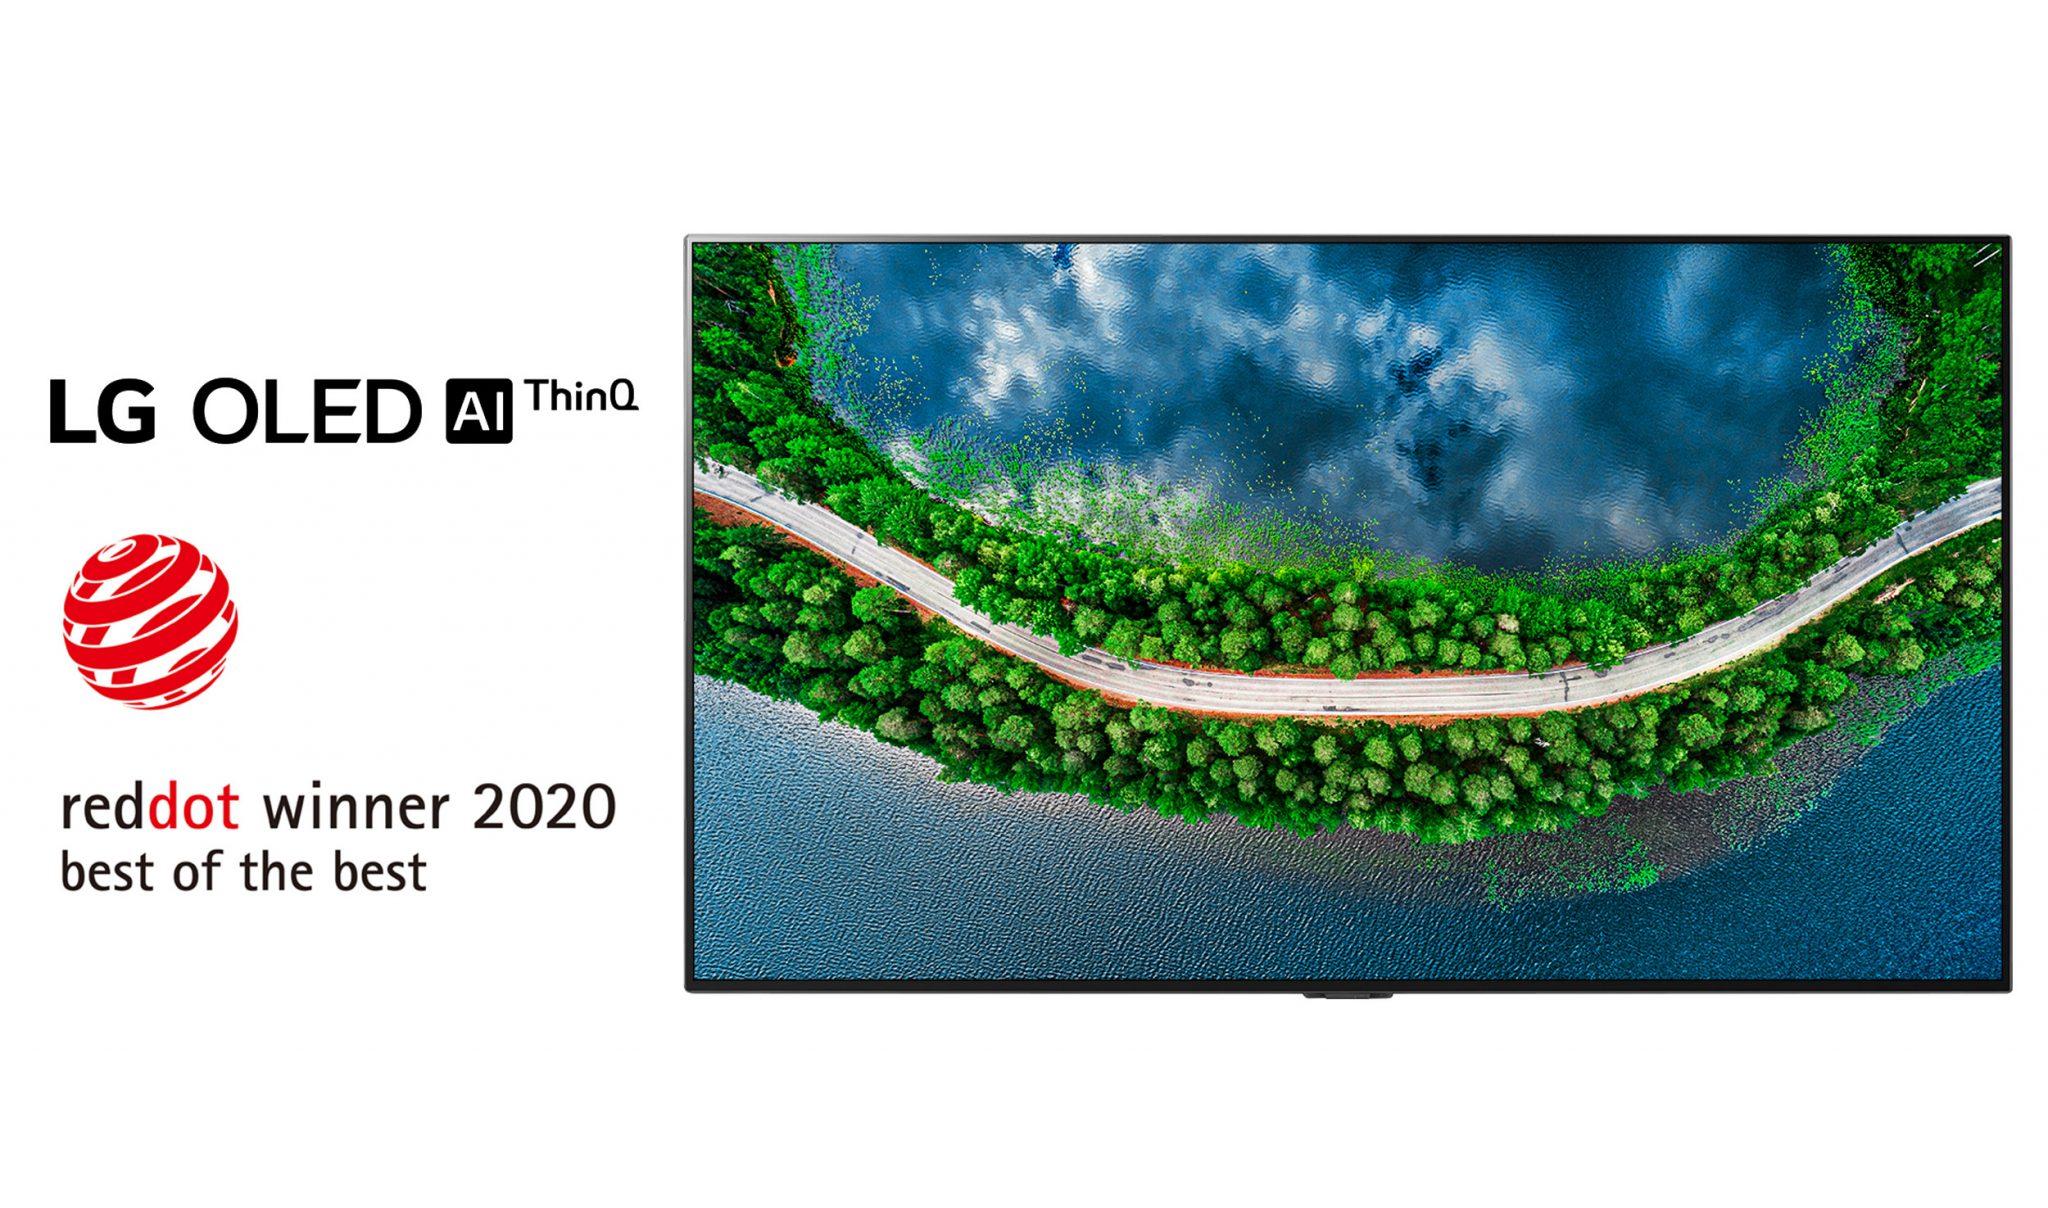 LG OLED TV conquistano uno degli eventi più importanti del design mondiale thumbnail